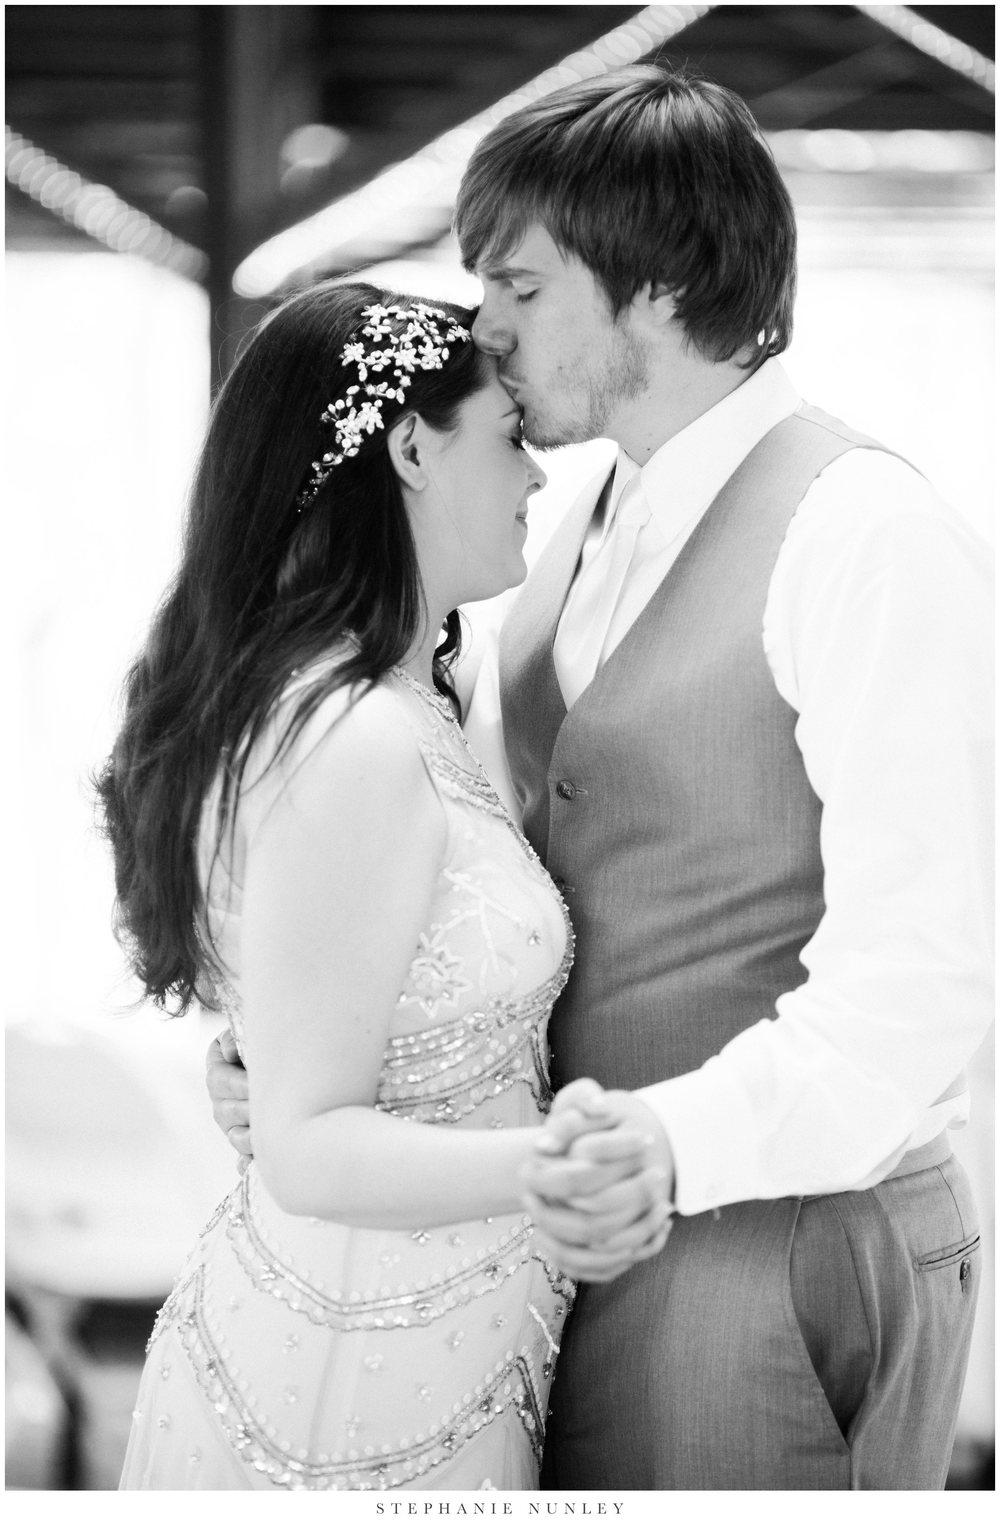 art-deco-themed-wedding-photos-0075.jpg